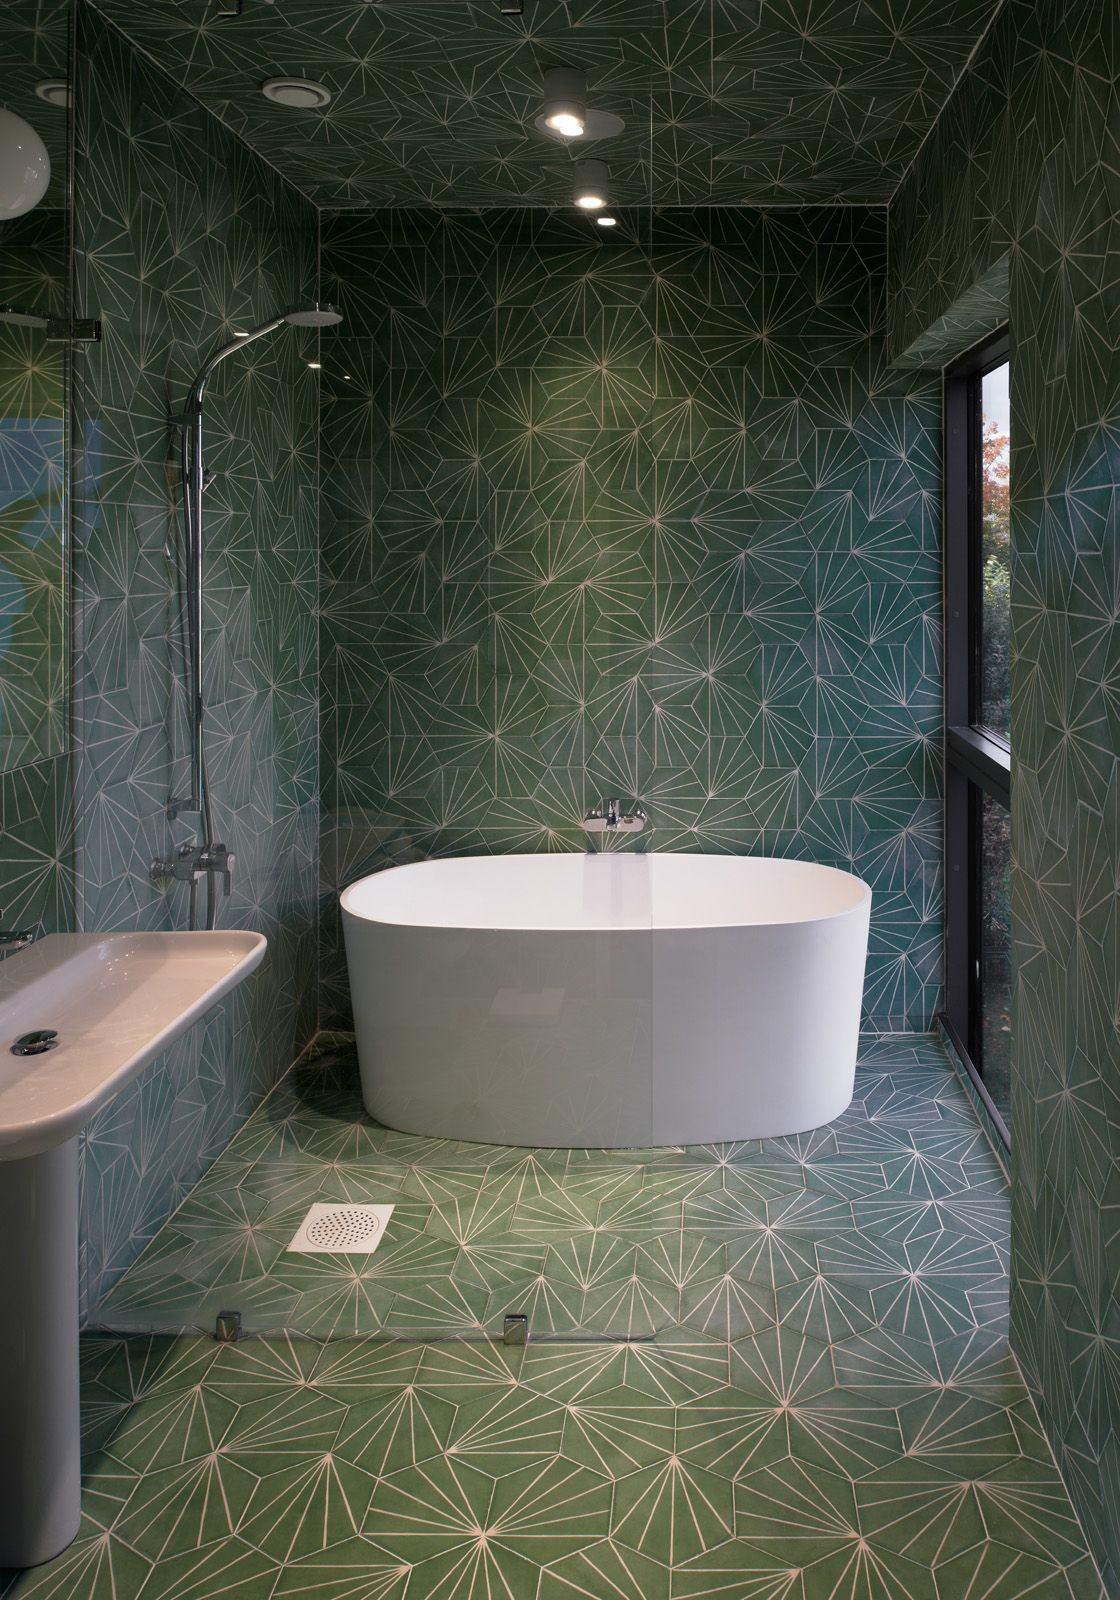 Ванная комната в современном стиле с плиткой и геометрическим рисунком